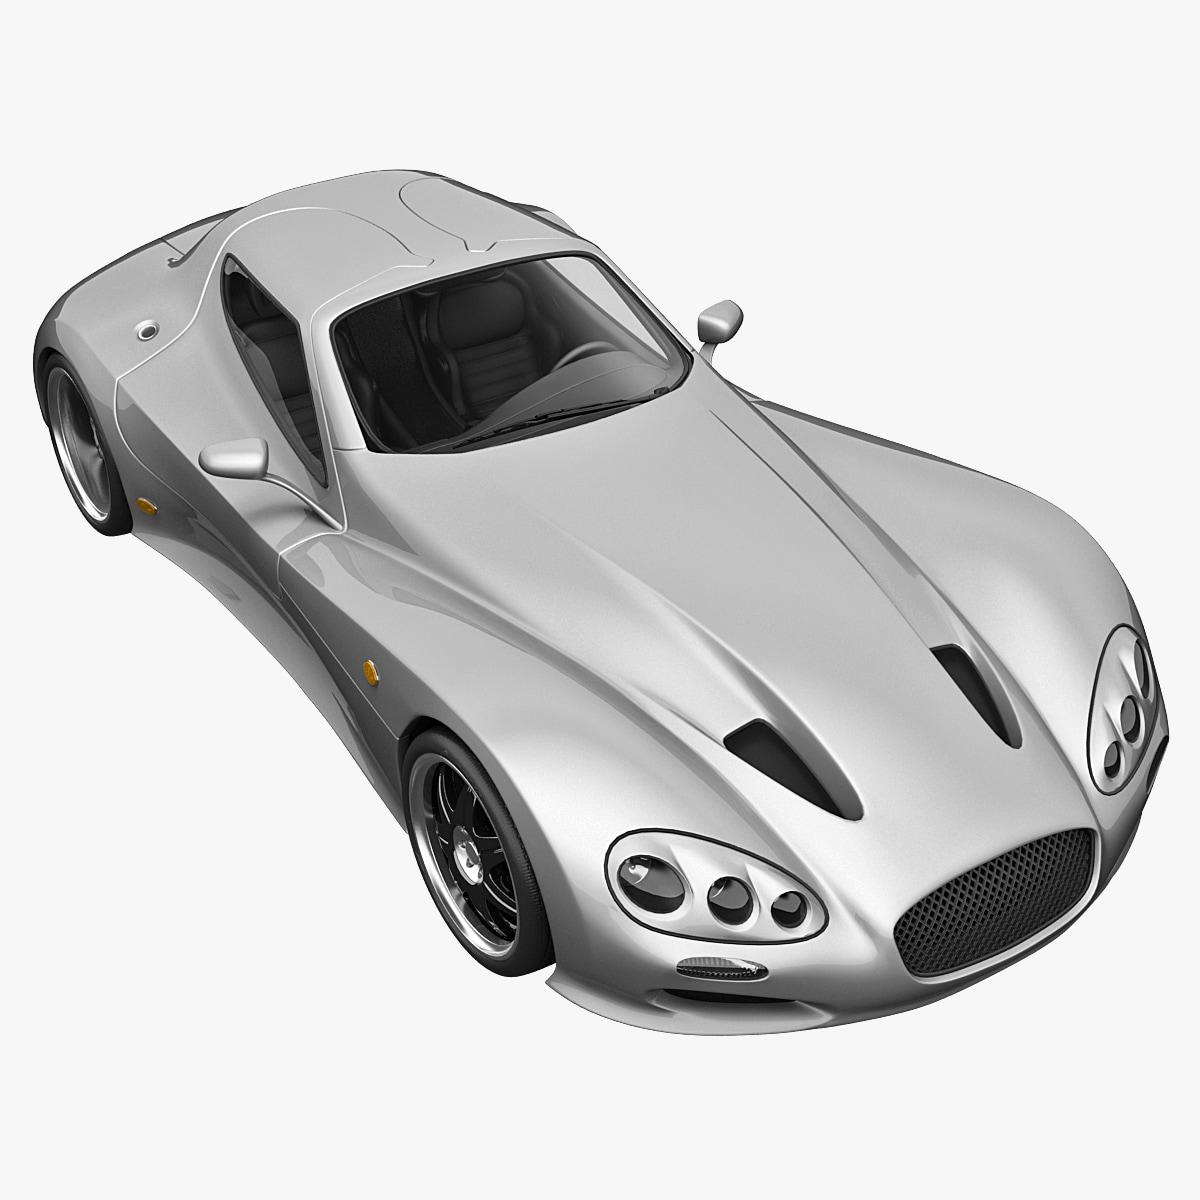 Supercar_Gillet_Vertigo_0000_2.jpg